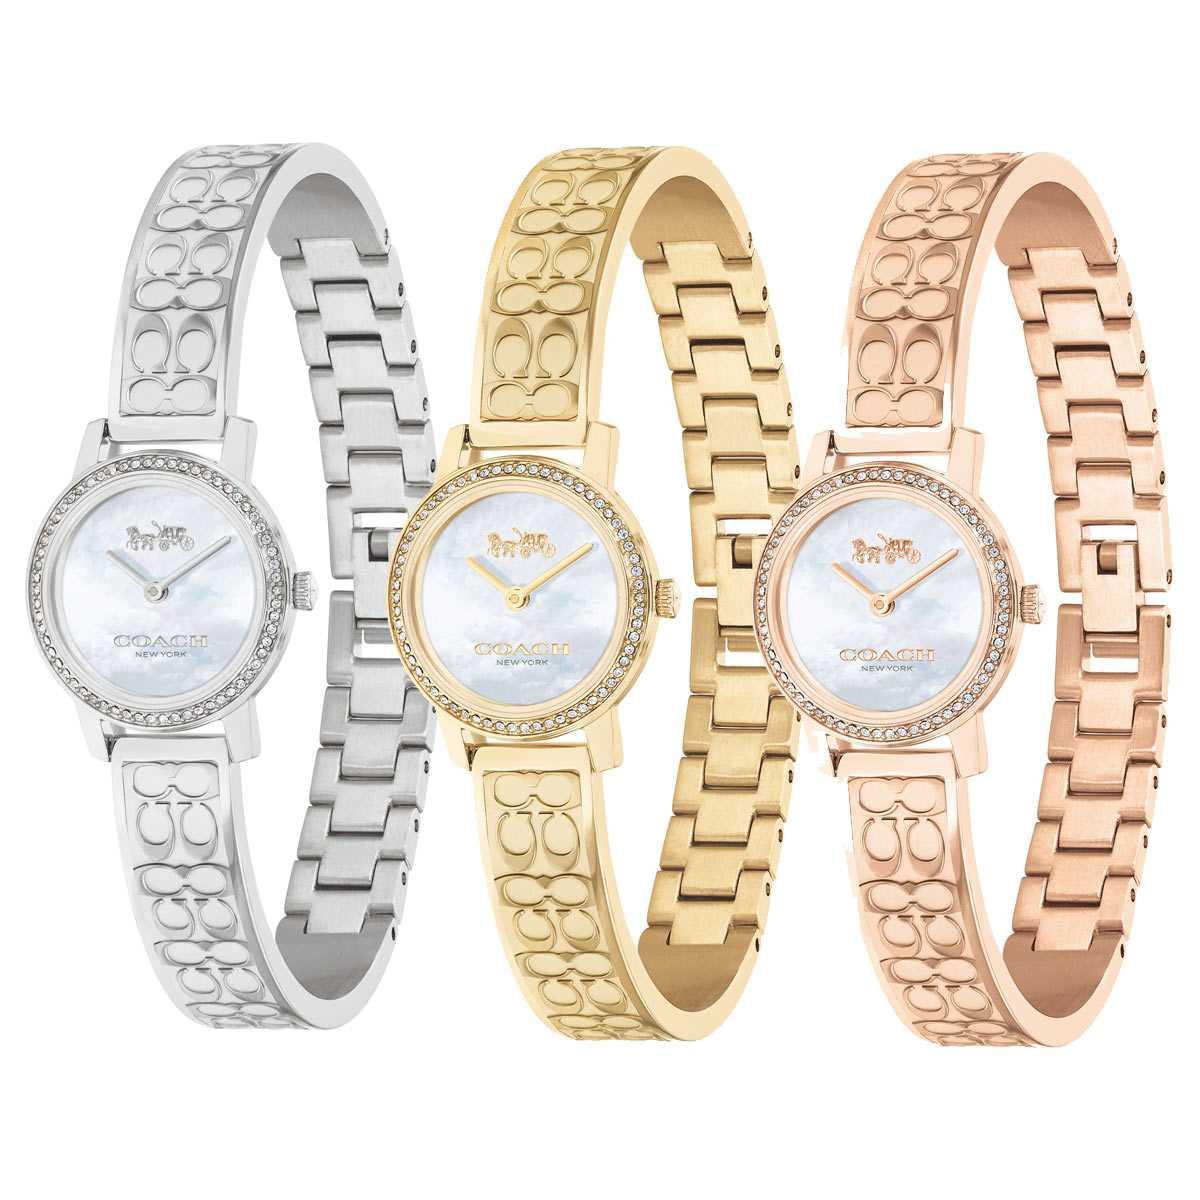 コーチ 腕時計 レディース ブランド バングル かわいい Audrey 女性 新色 COACH 後払い おしゃれ オードリー 引出物